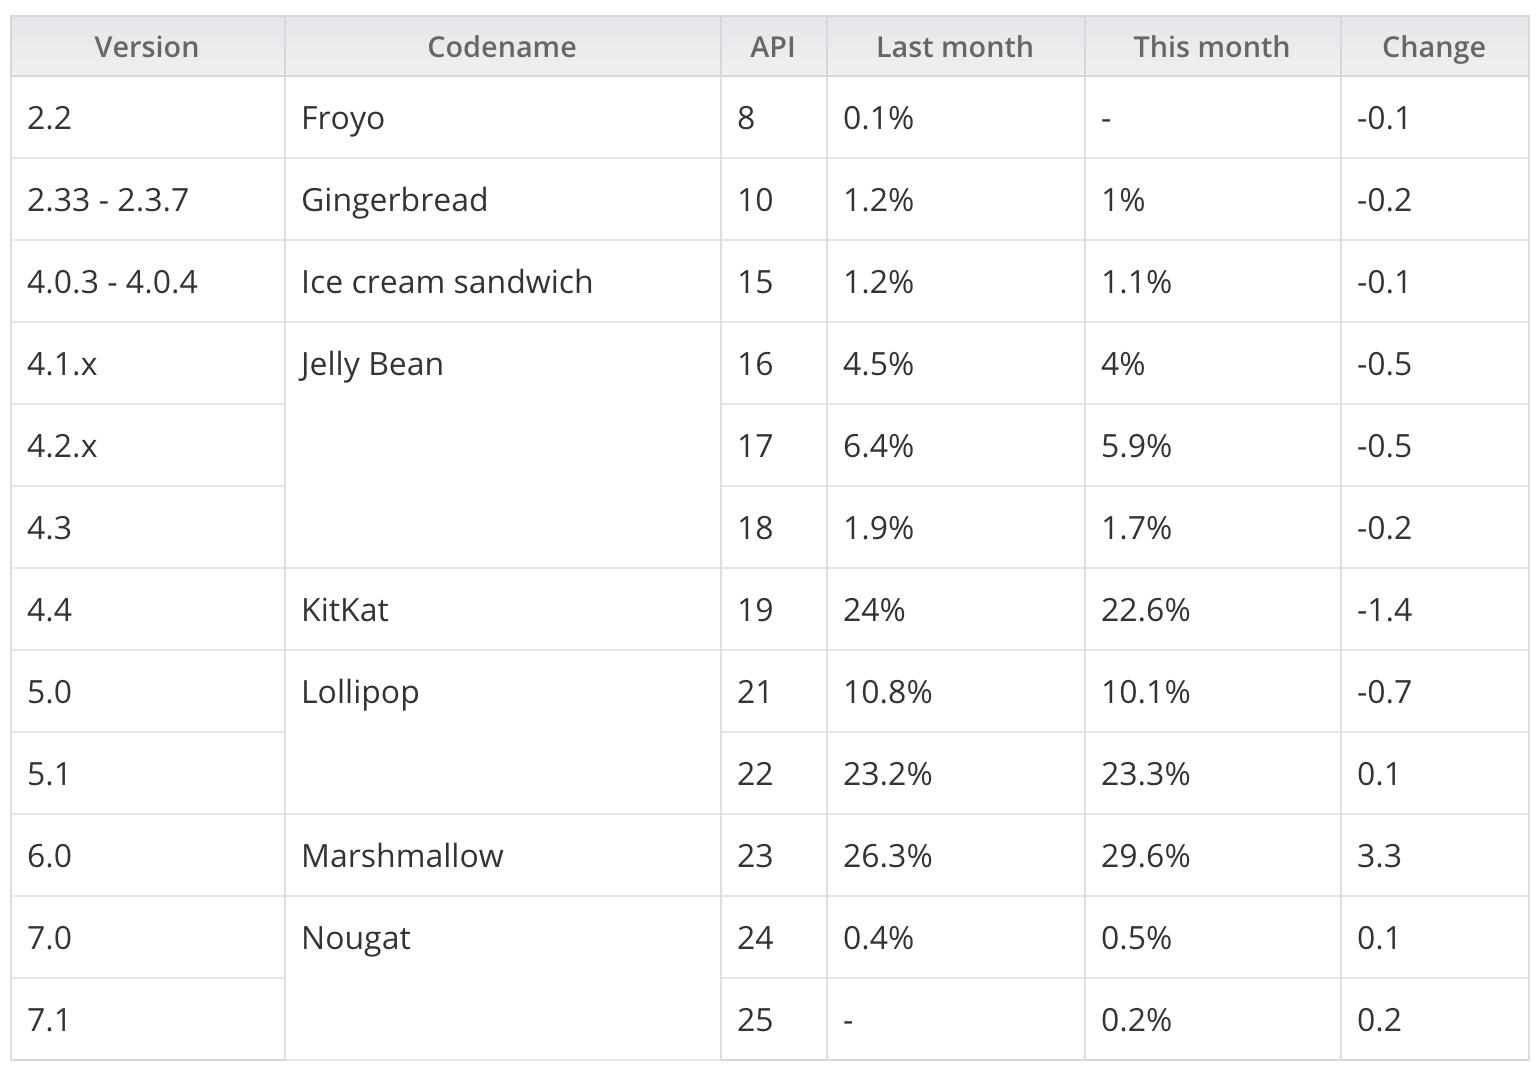 谷歌发布 Android 版本市场占比,7.1 仅占 0.2%-芊雅企服